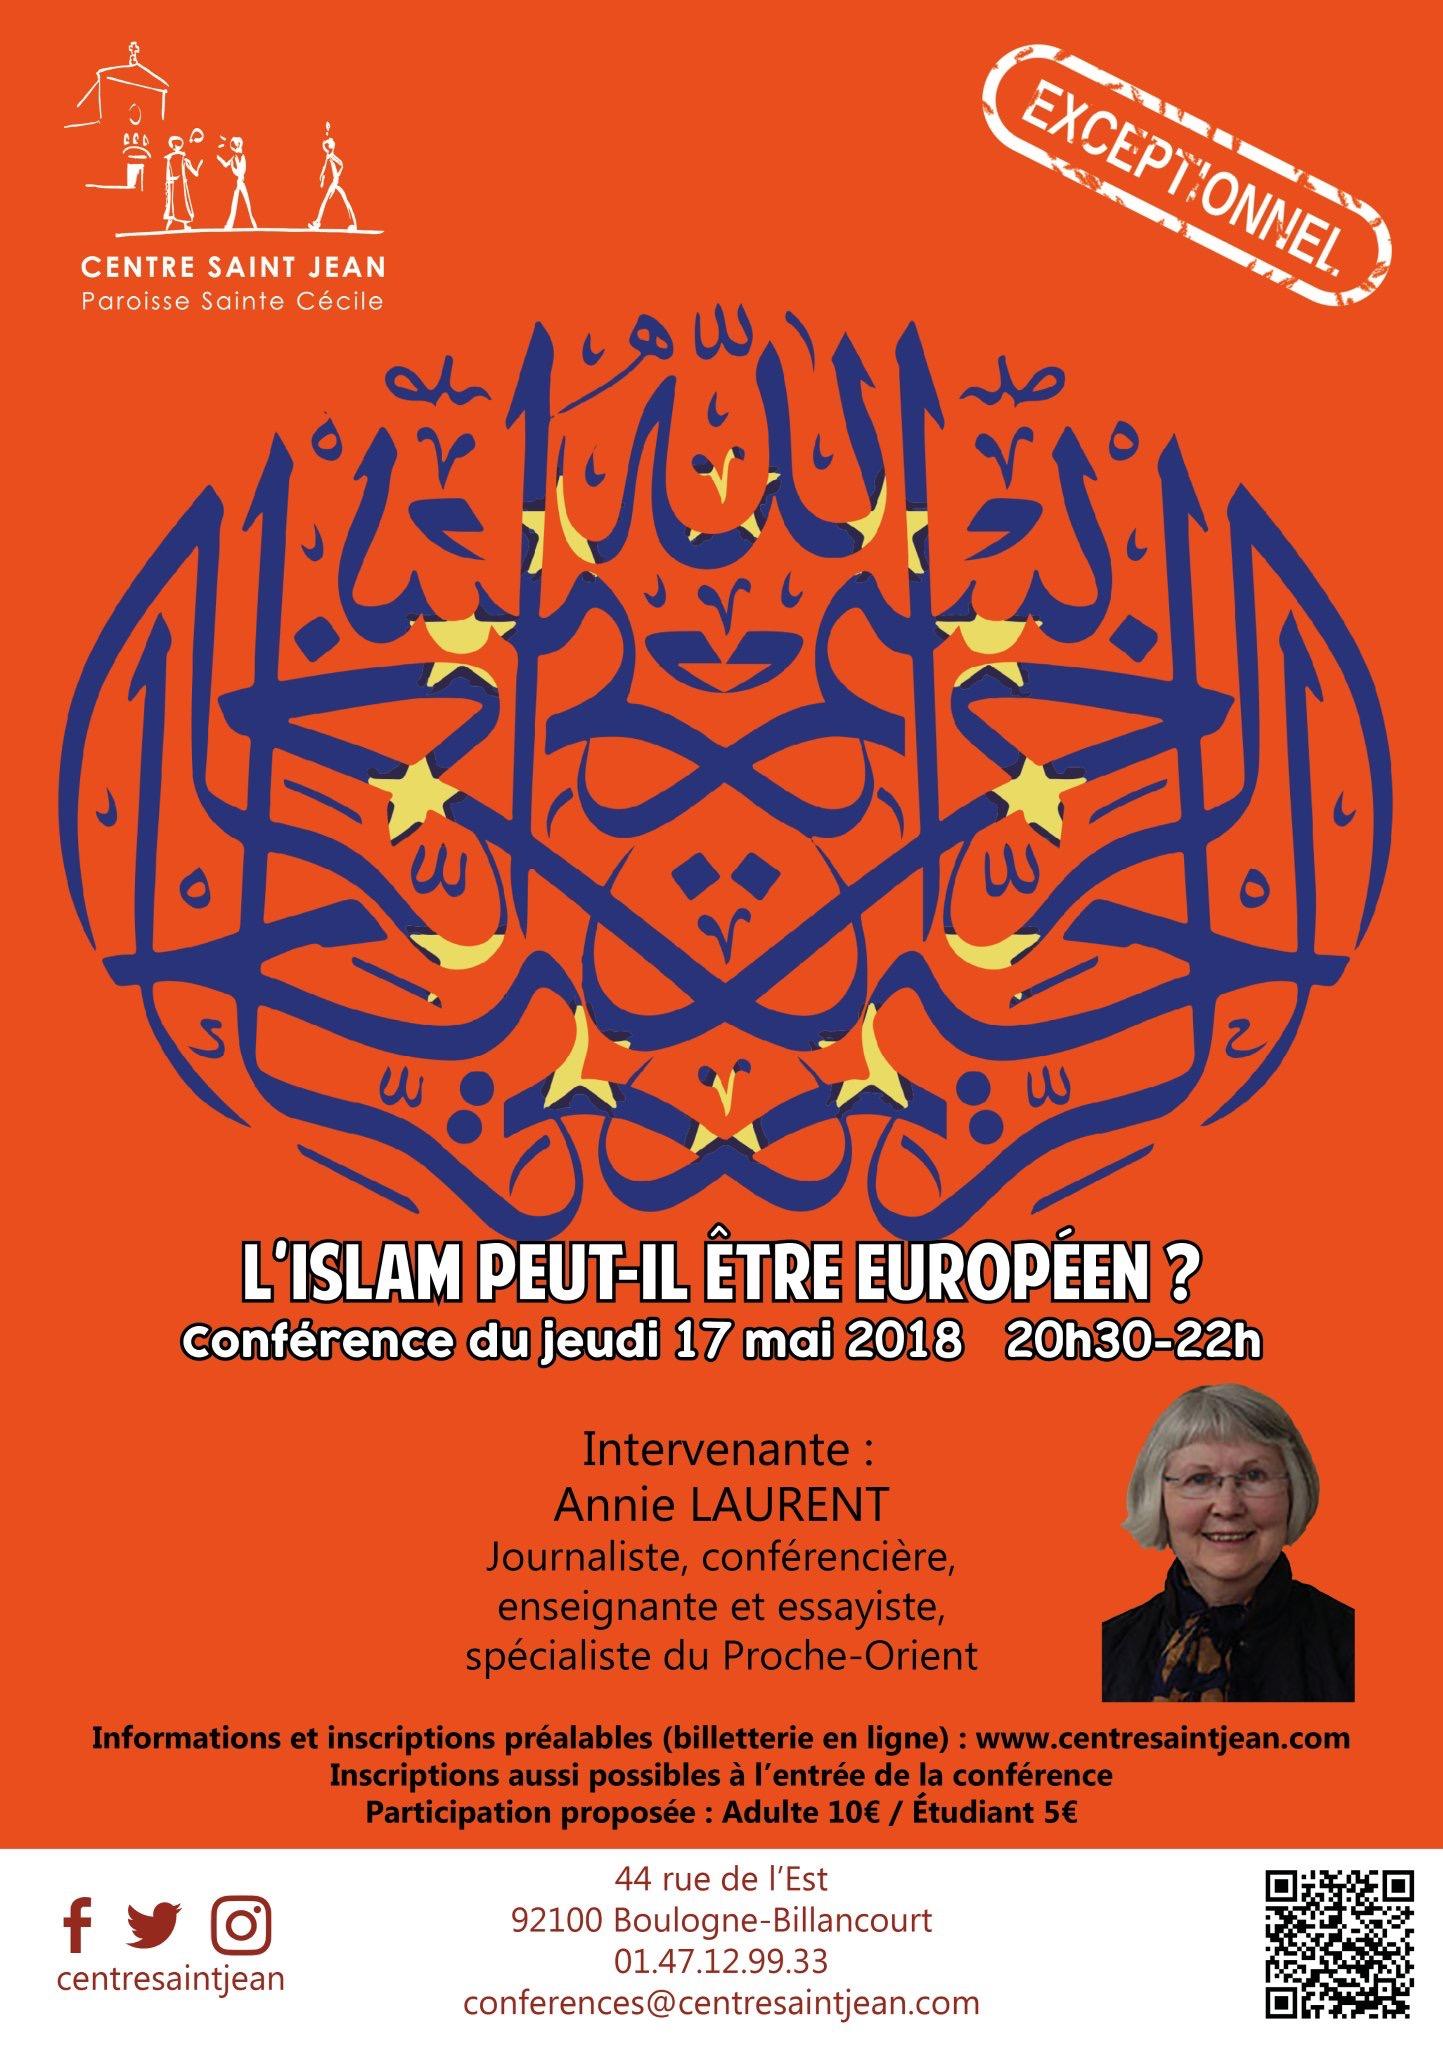 Conférence d'Annie Laurent le 17 mai 2018 à Boulogne (92) – L'Islam peut-il être européen?